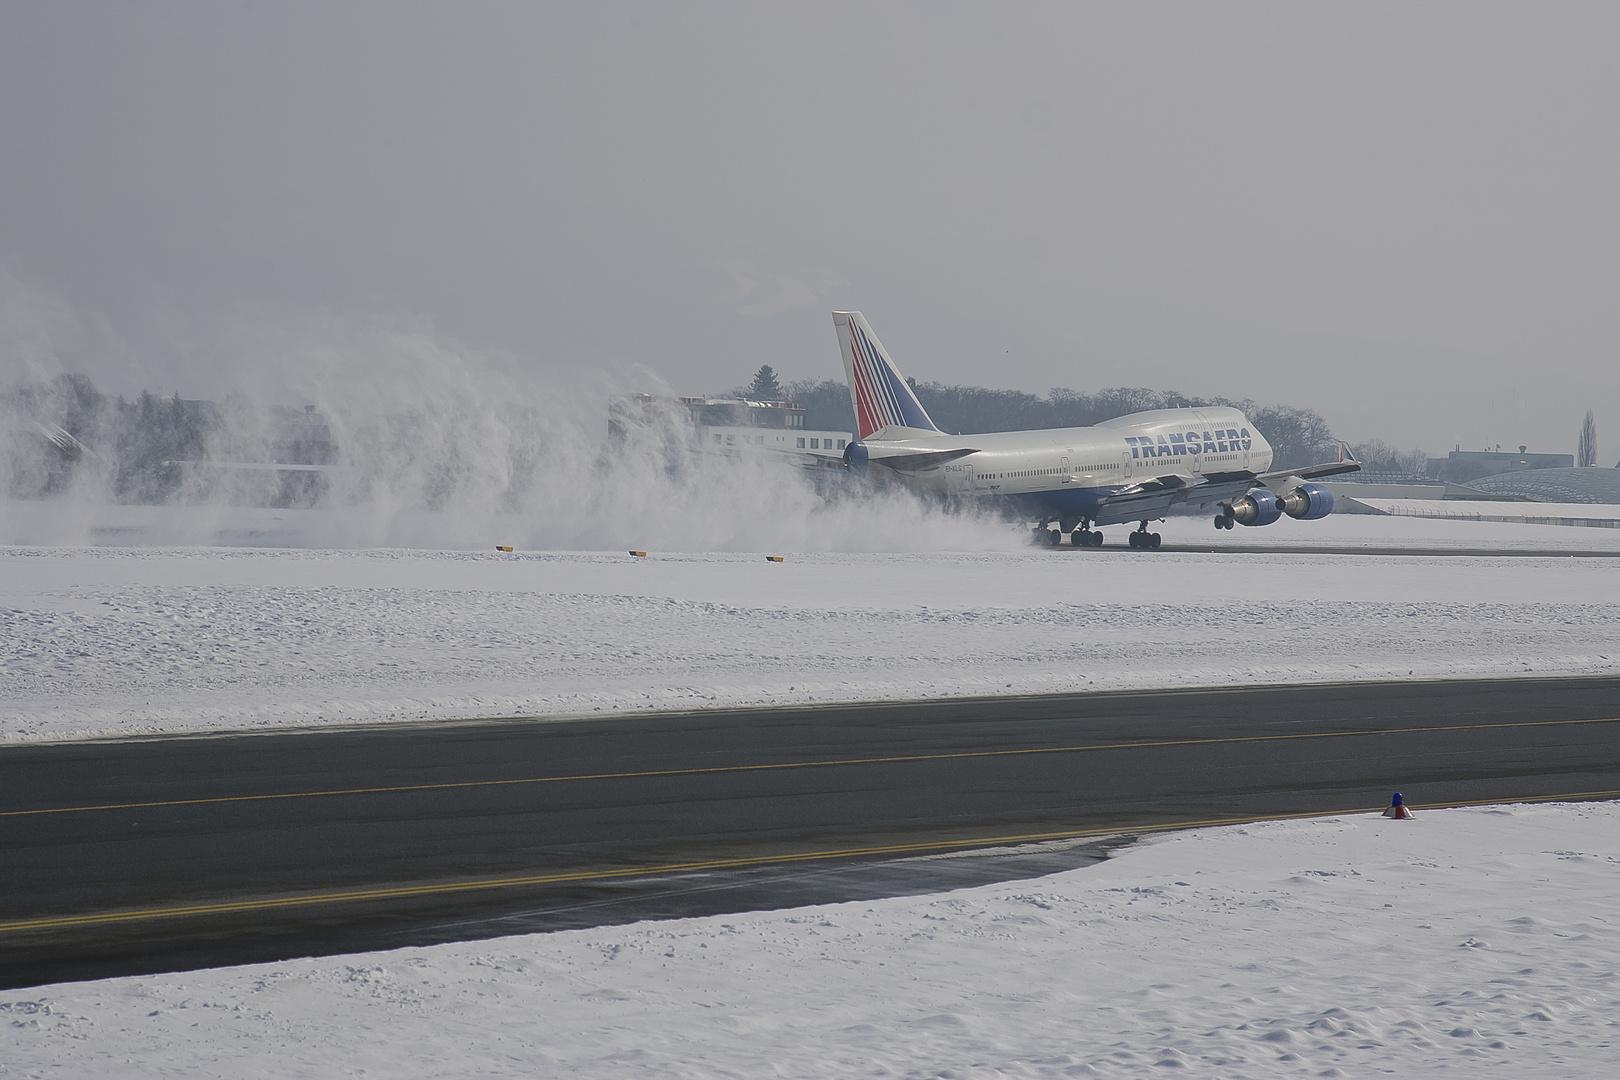 Boeing 747 Transaero Airlines...